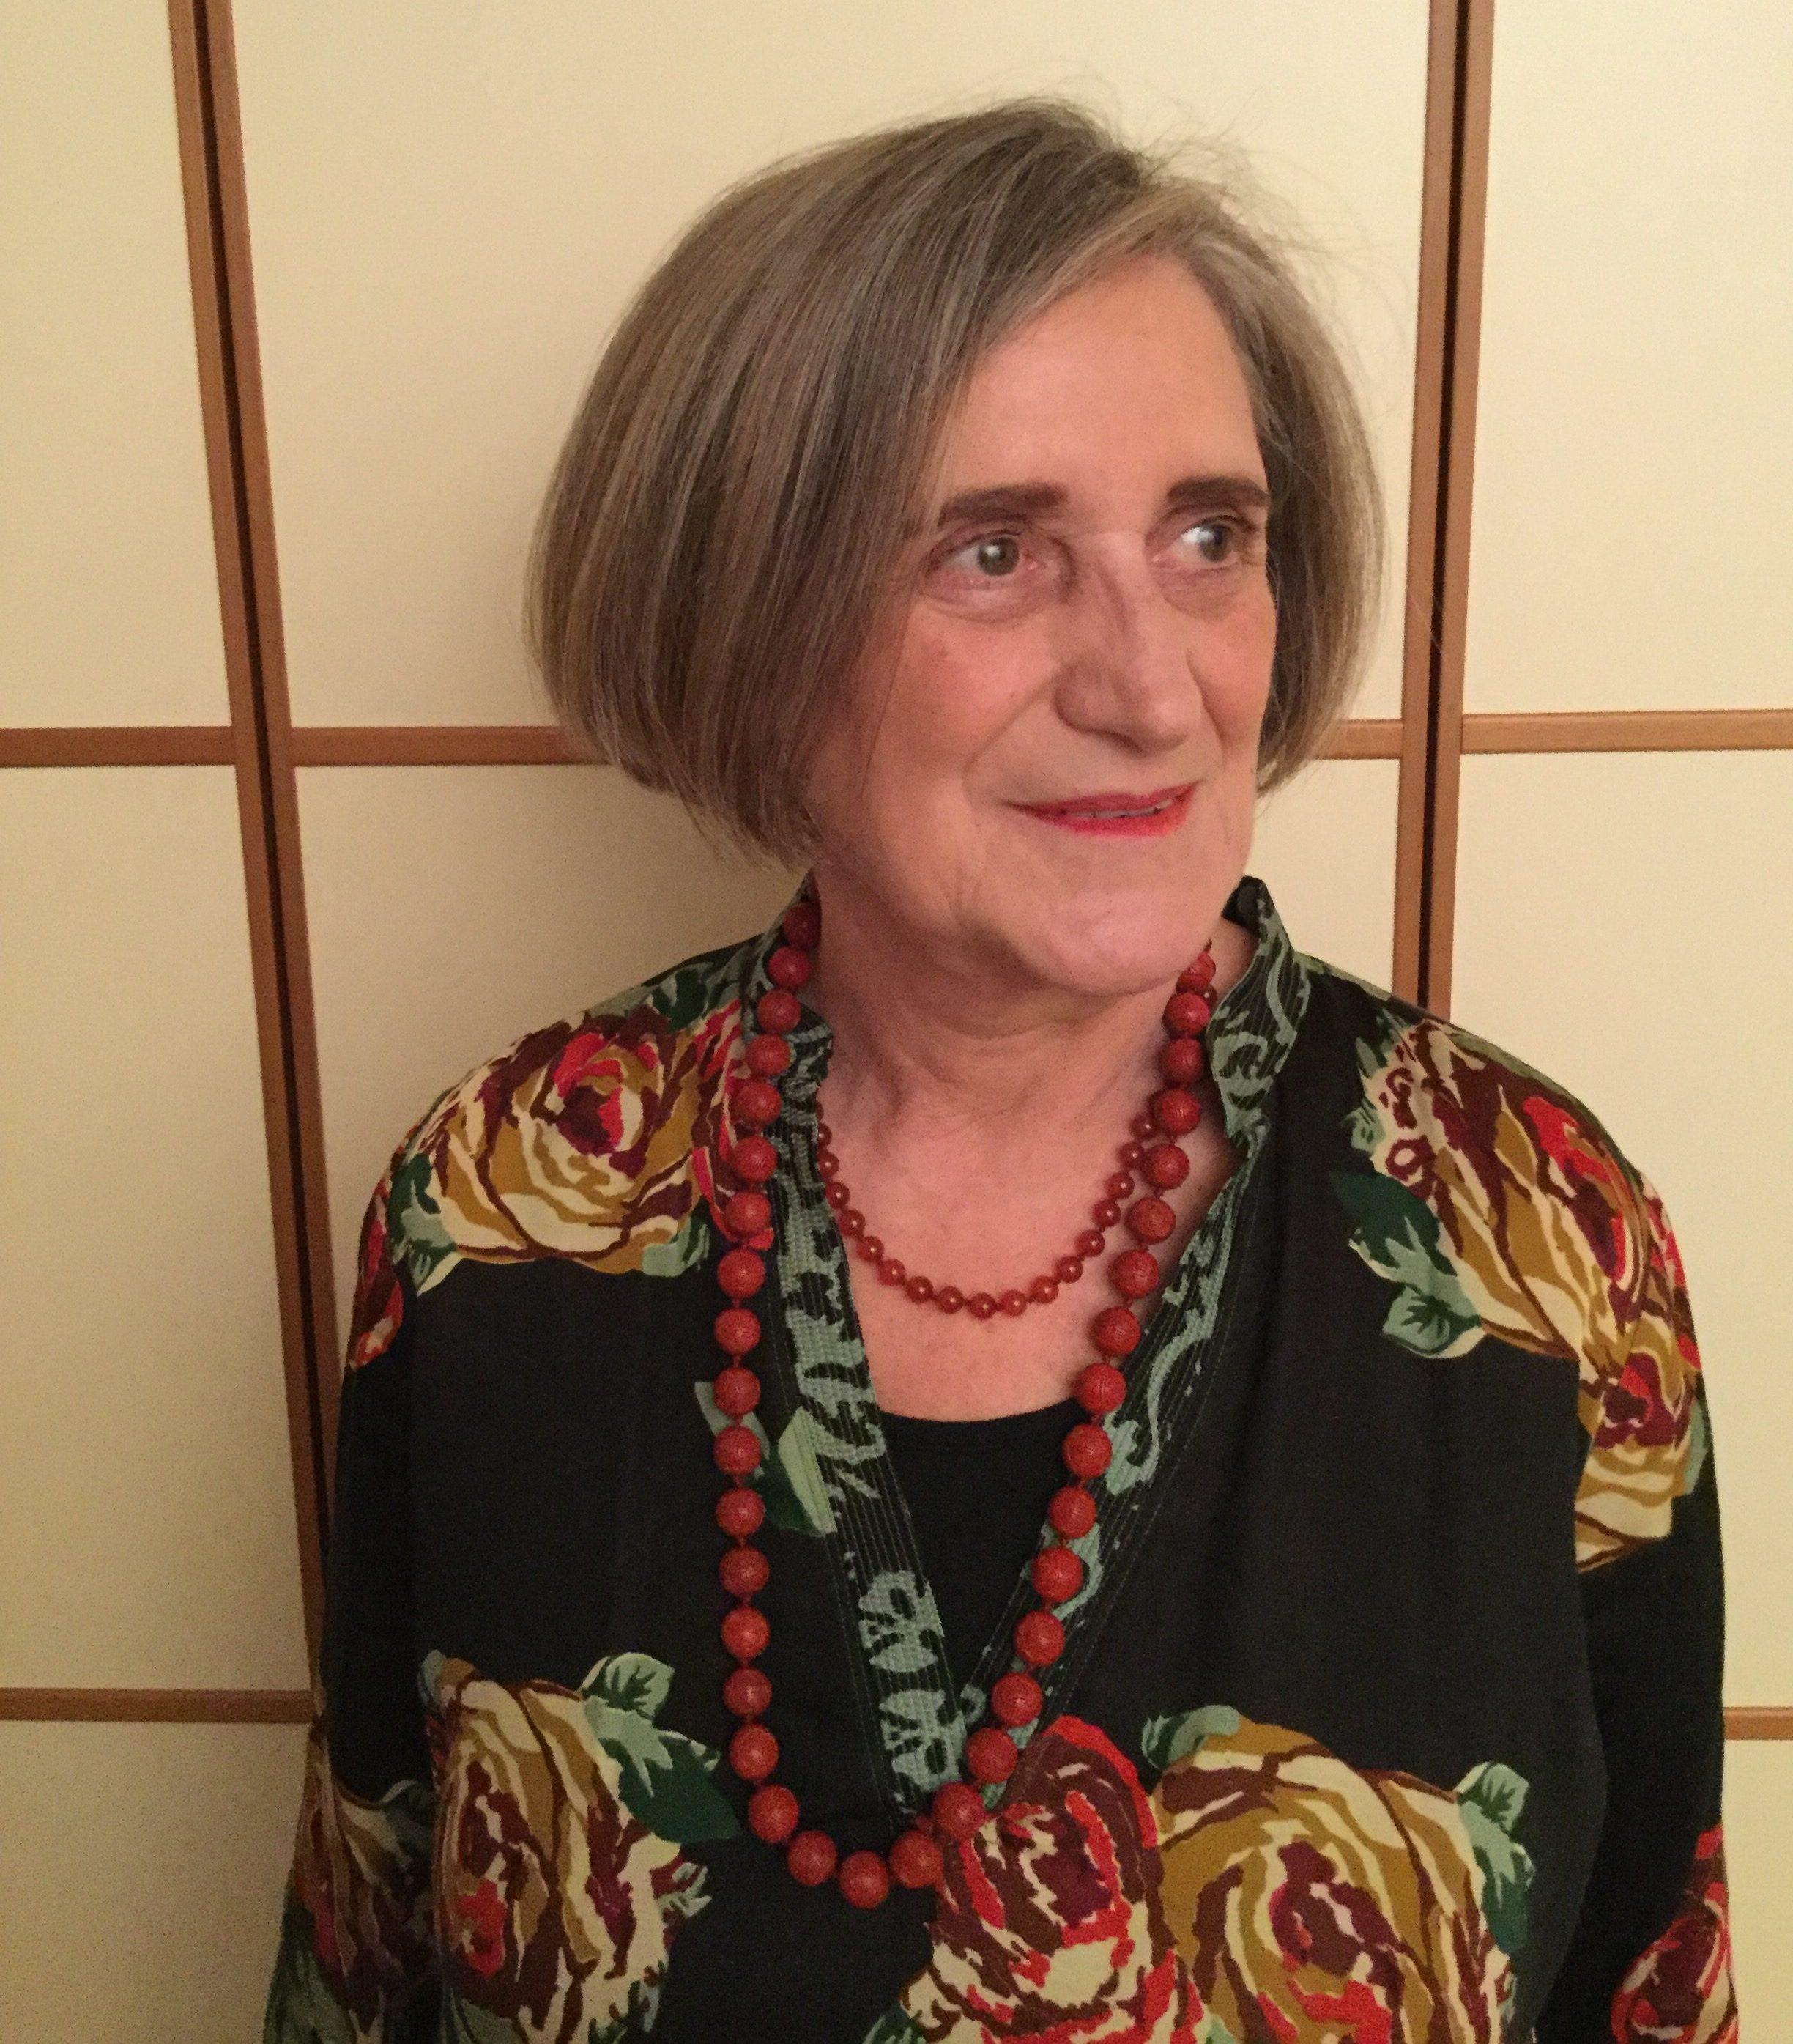 Fernanda Minuz